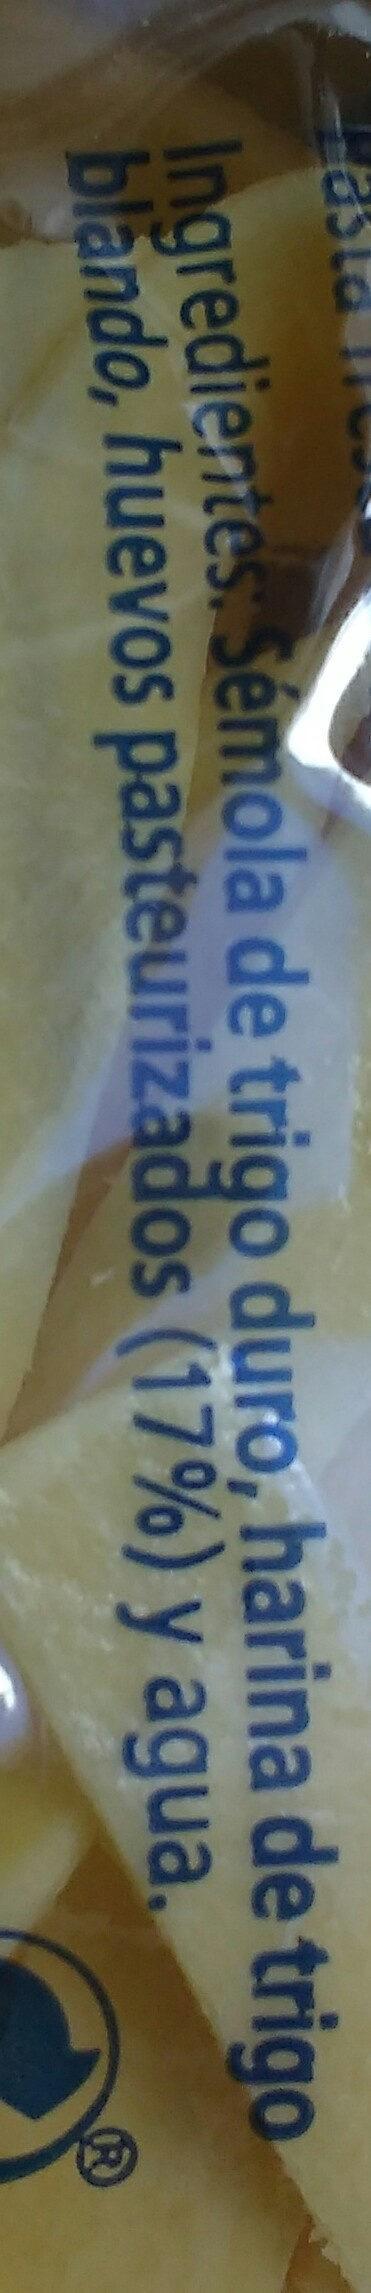 Tagliatelle al huevo - Ingrédients - es